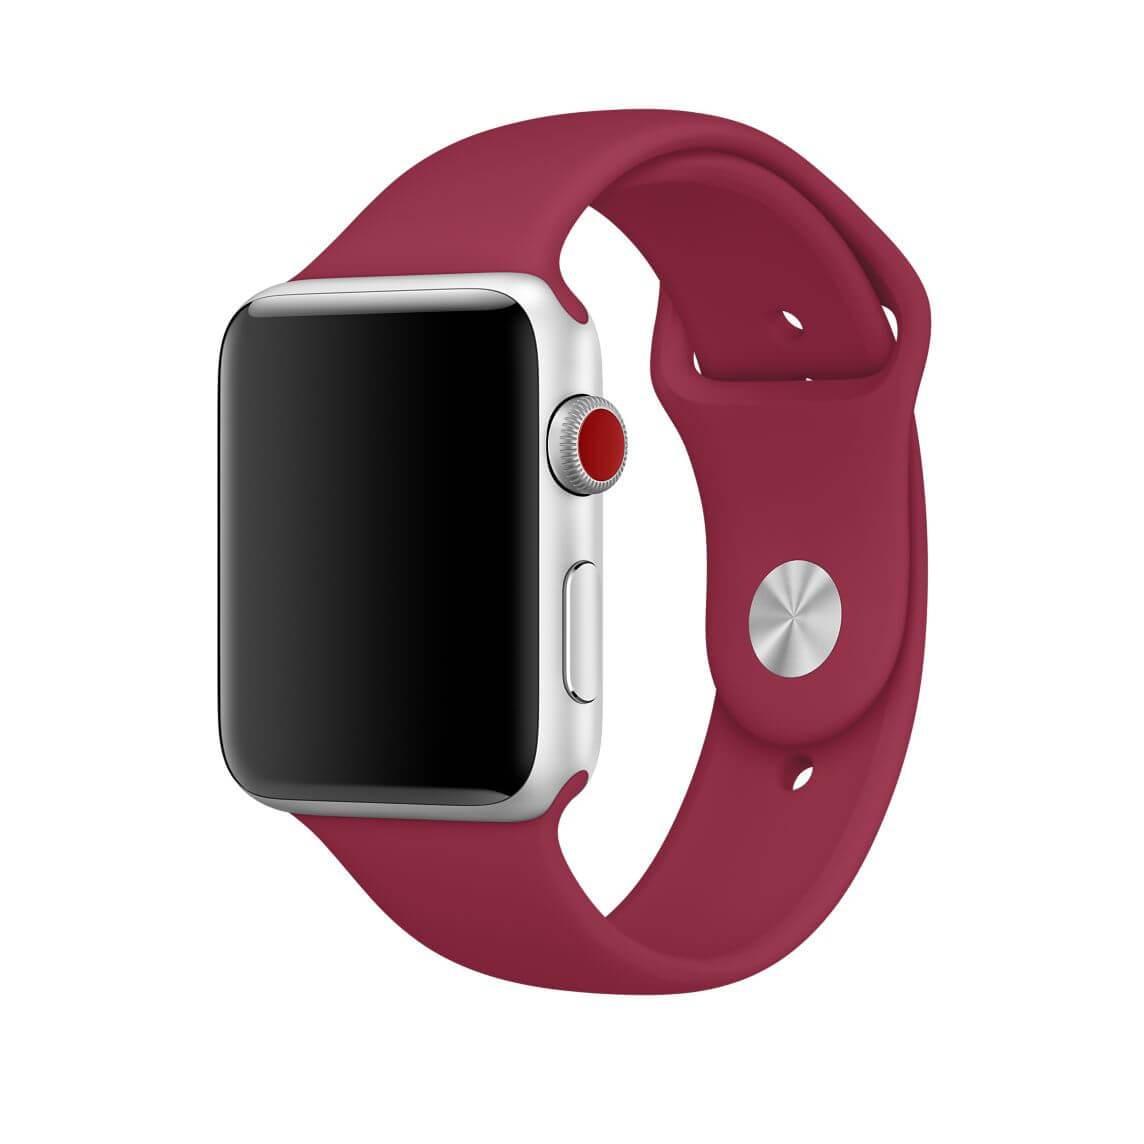 Řemínek SmoothBand pro Apple Watch Series 3/2/1 42mm - Vínový